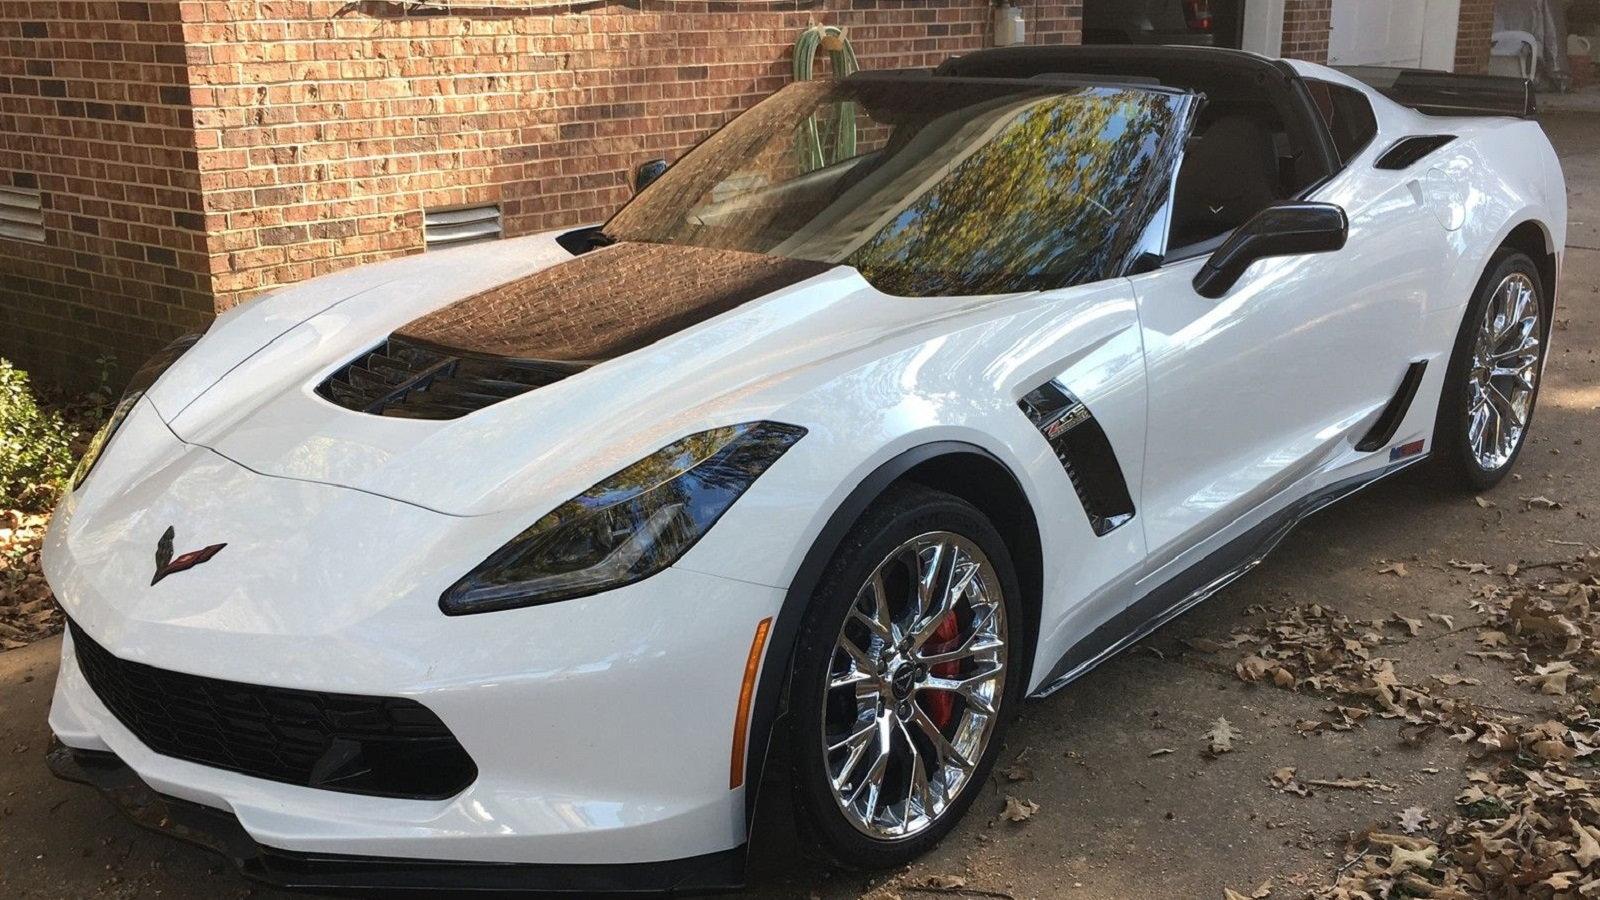 2016 Chevrolet Corvette Z06 - $85,999